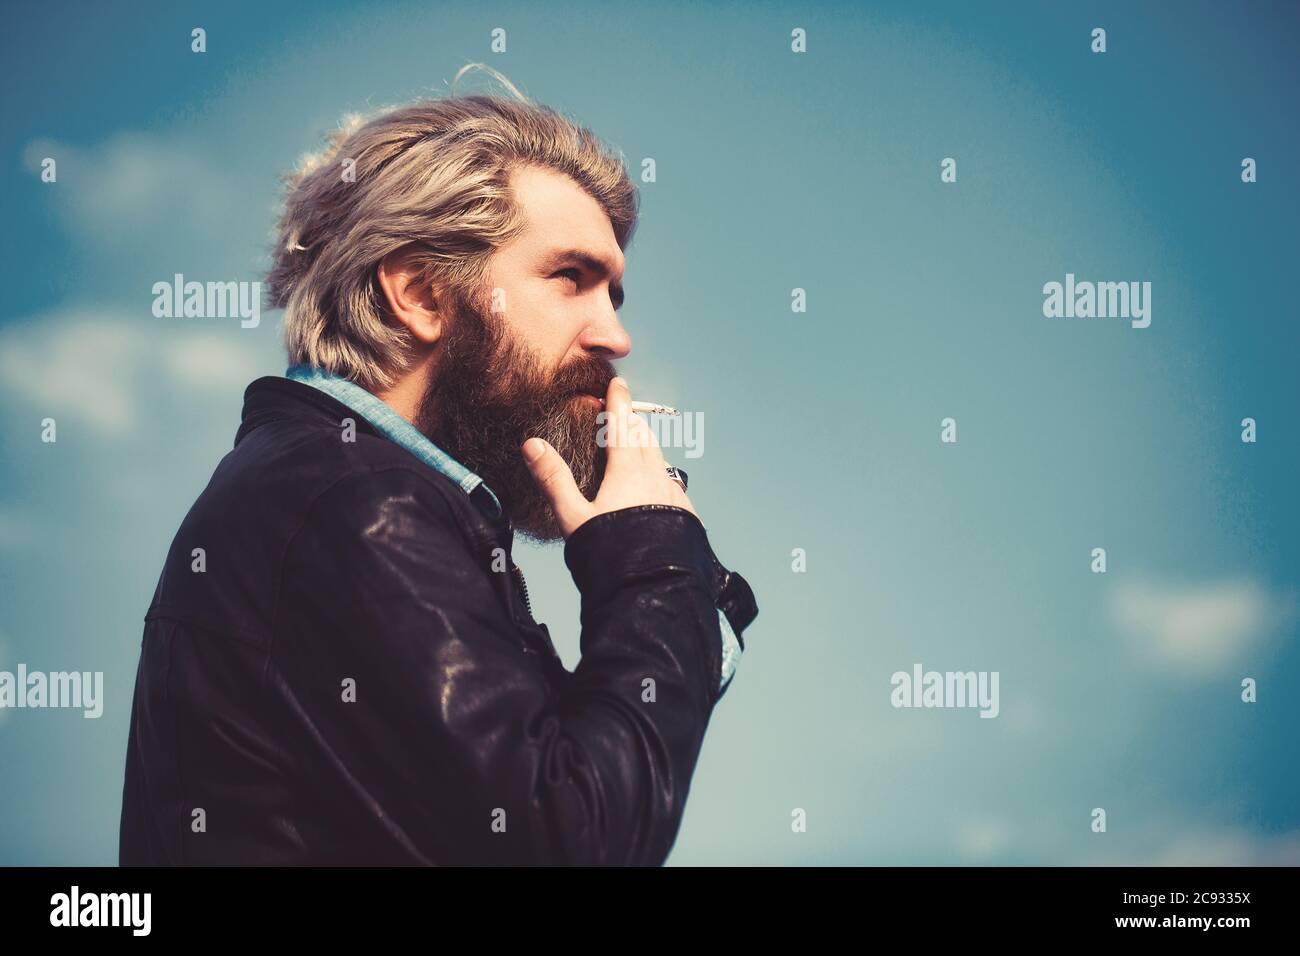 Cara de un hombre de mediana edad fumando un cigarrillo y mirando pensativo. Contra un cielo azul. Foto de stock